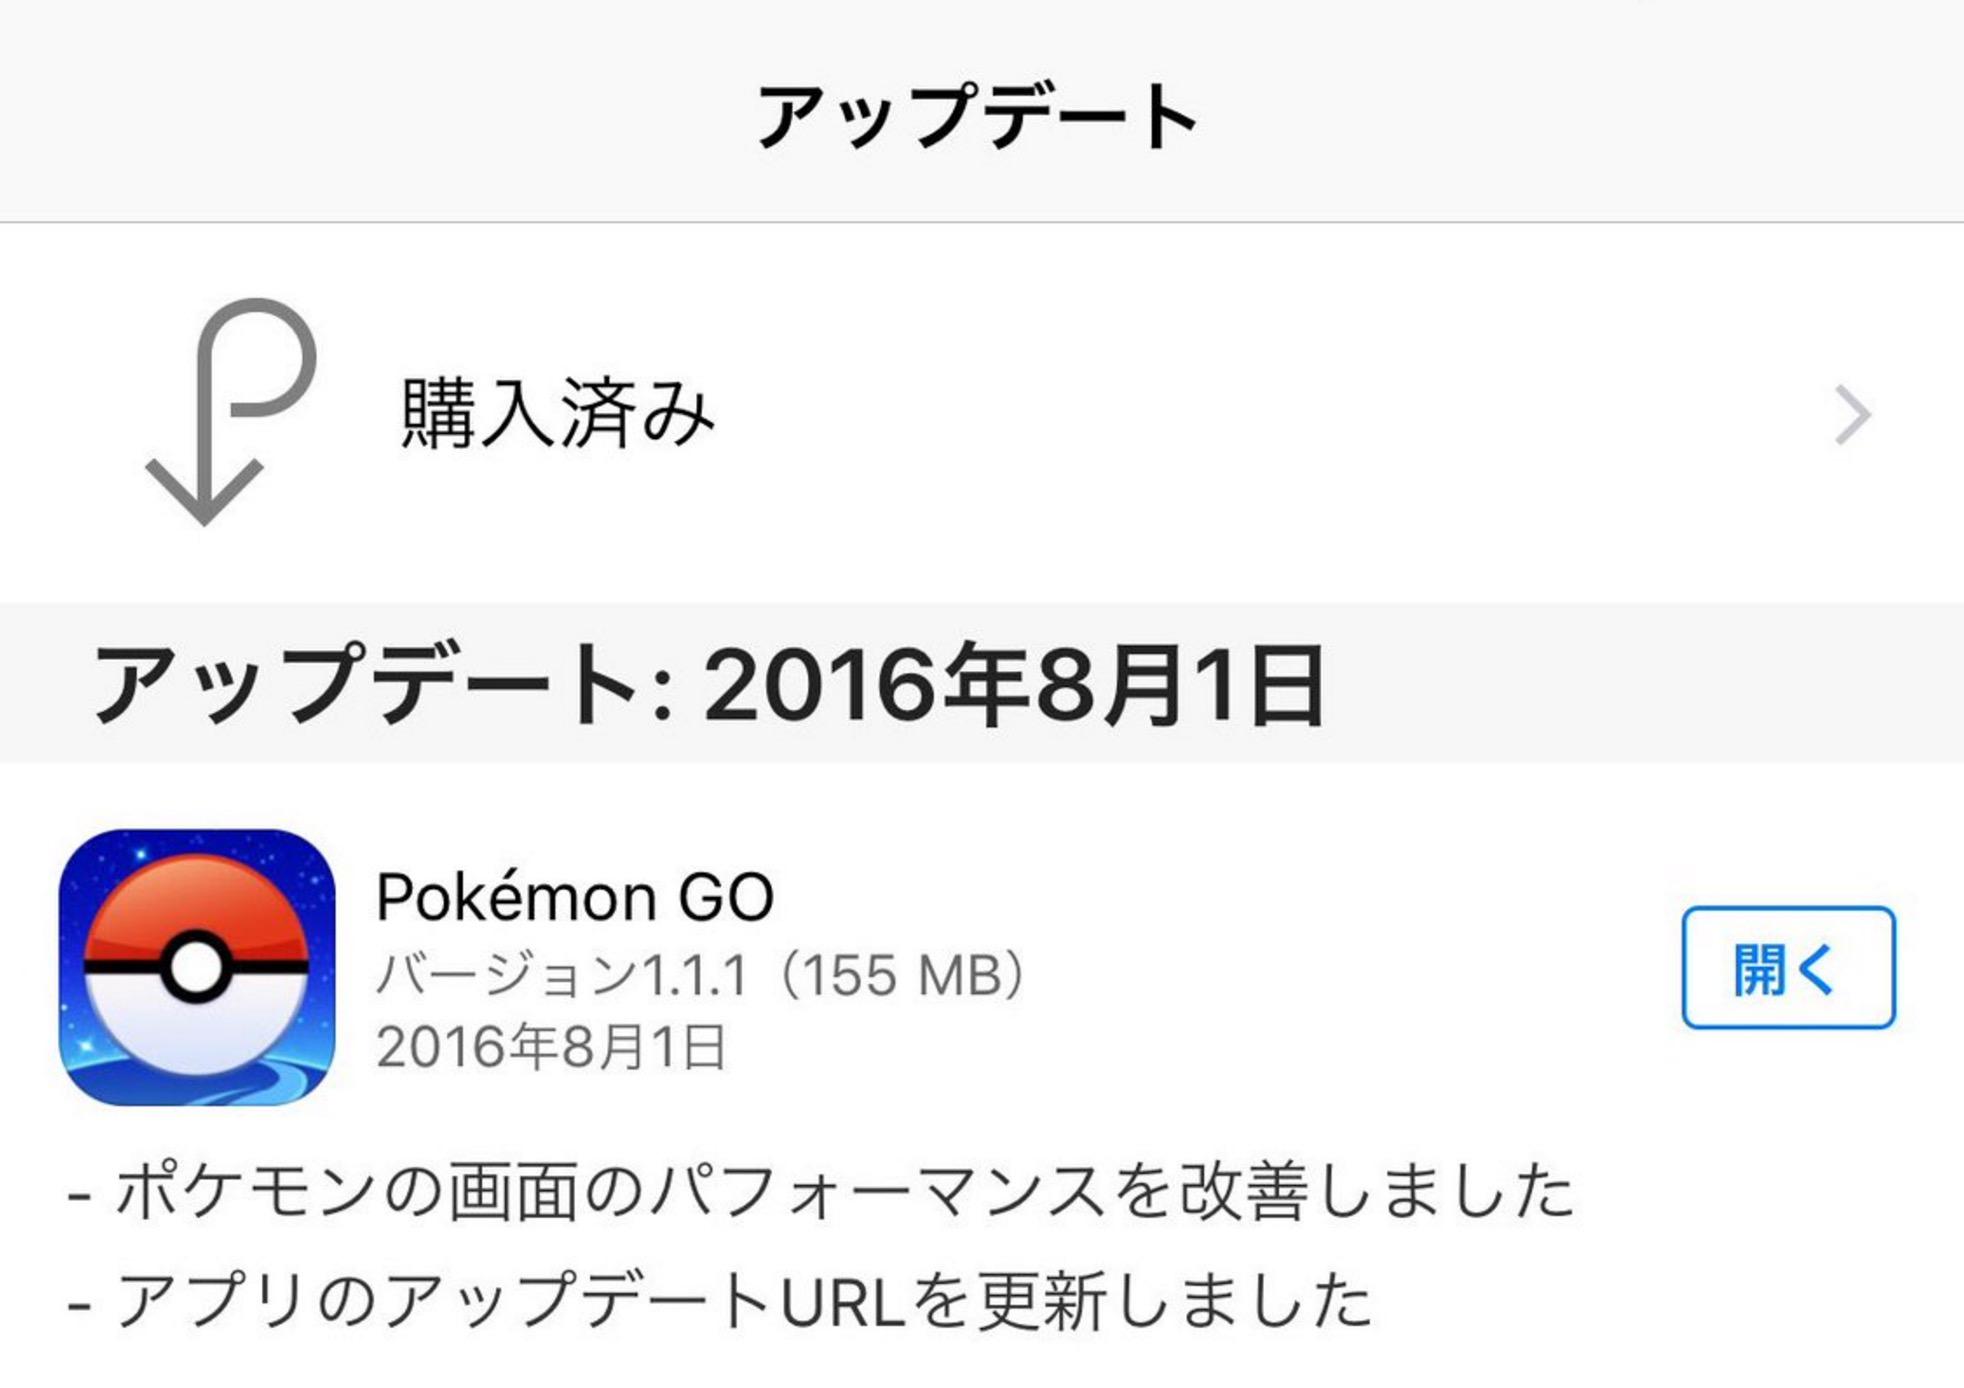 スクリーンショット 2016-08-01 18.33.28